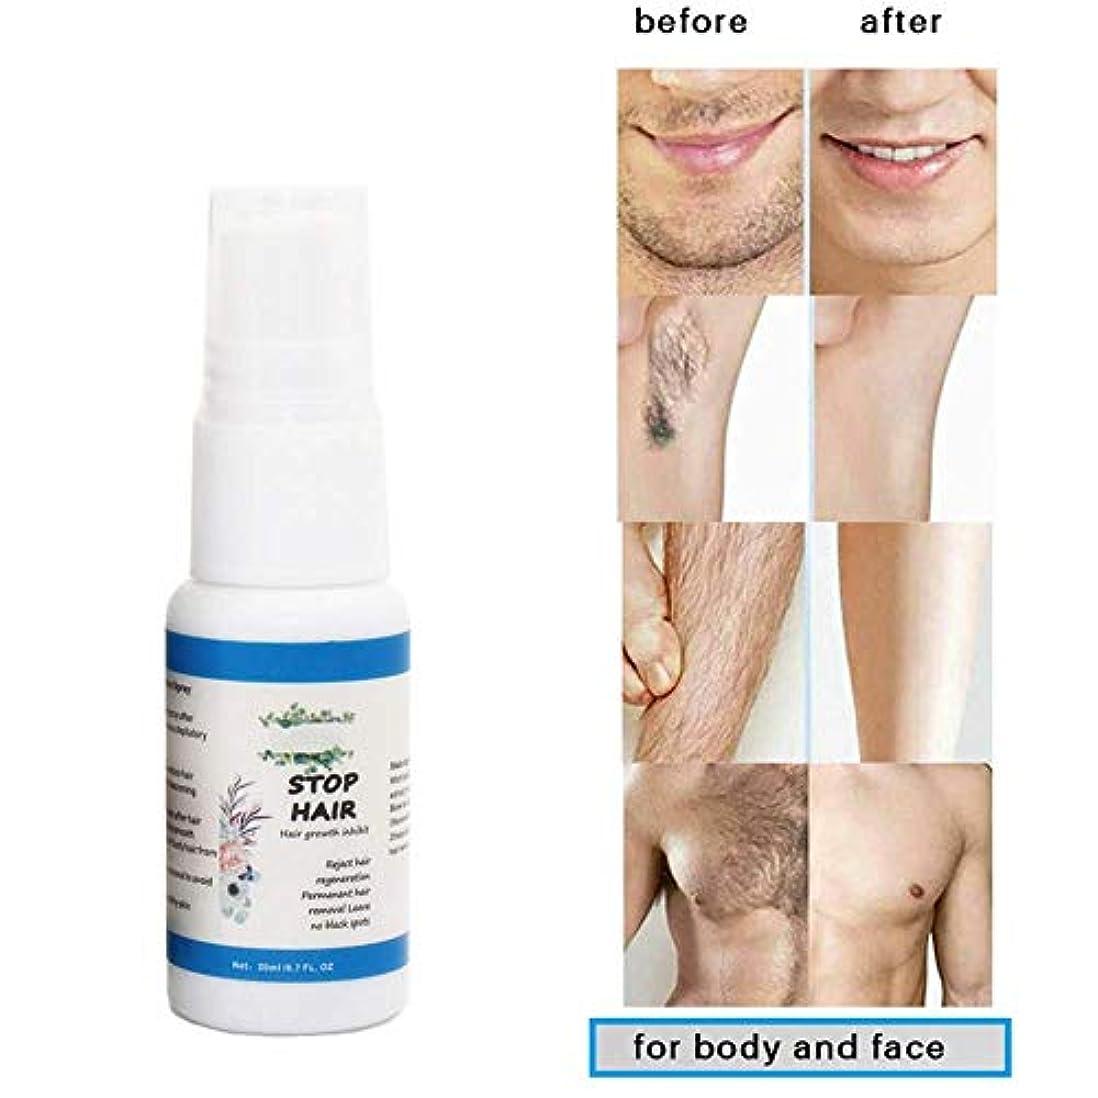 生じる自分自身受賞脱毛スプレー阻害剤発毛血清発毛除去を防ぎます修理脱毛剤製品ナチュラル非刺激栄養毛穴シュリンク20ml